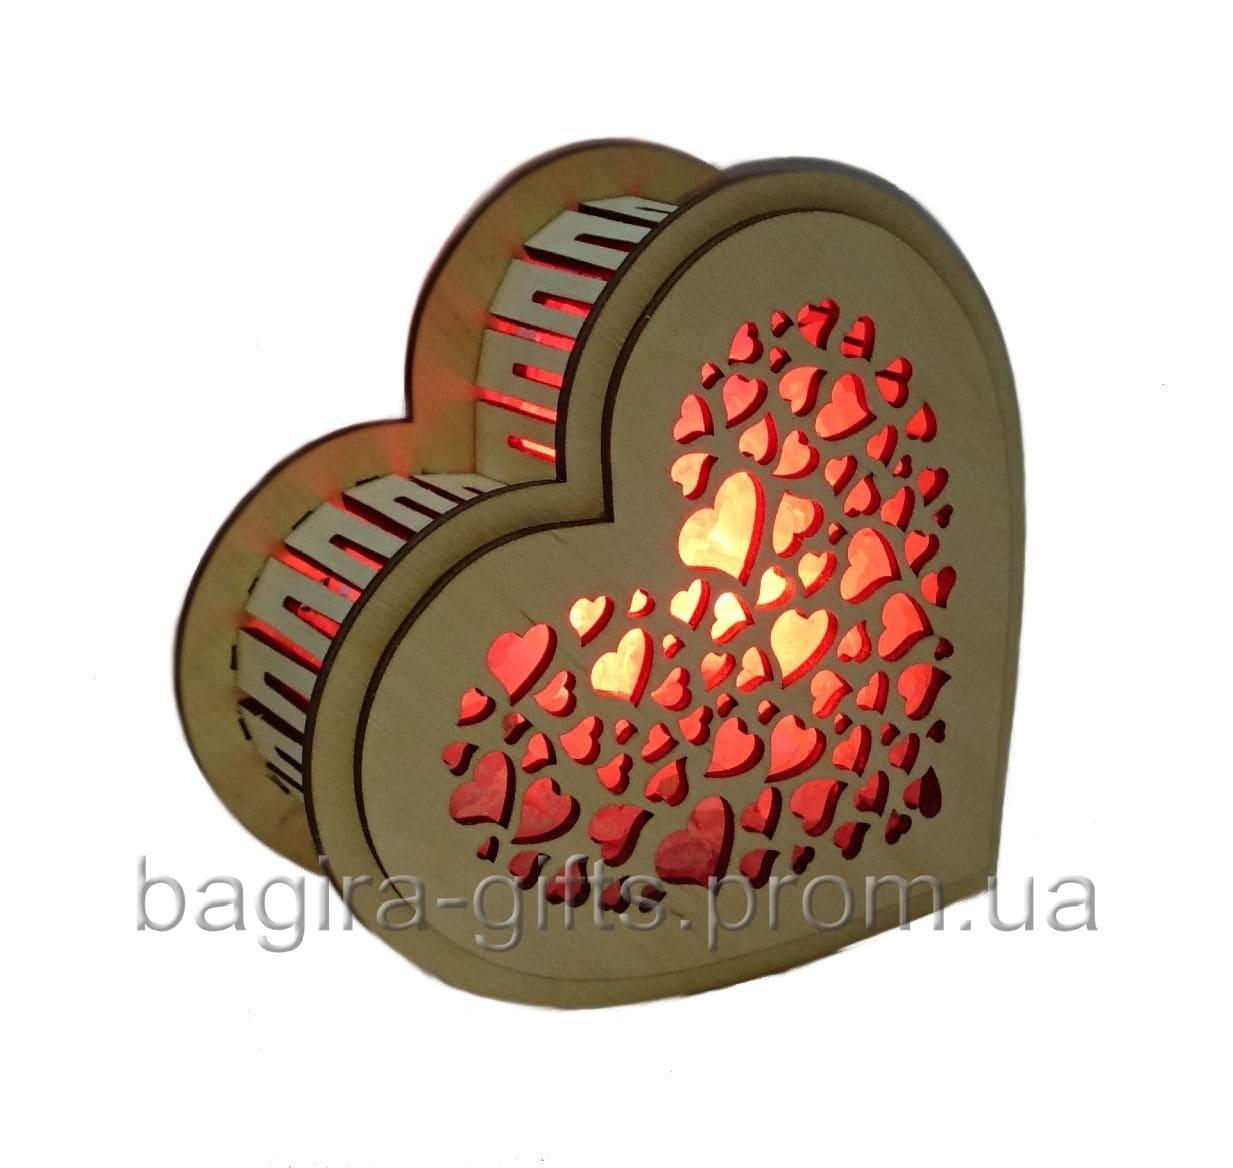 Соляной светильник Сердце деревянное